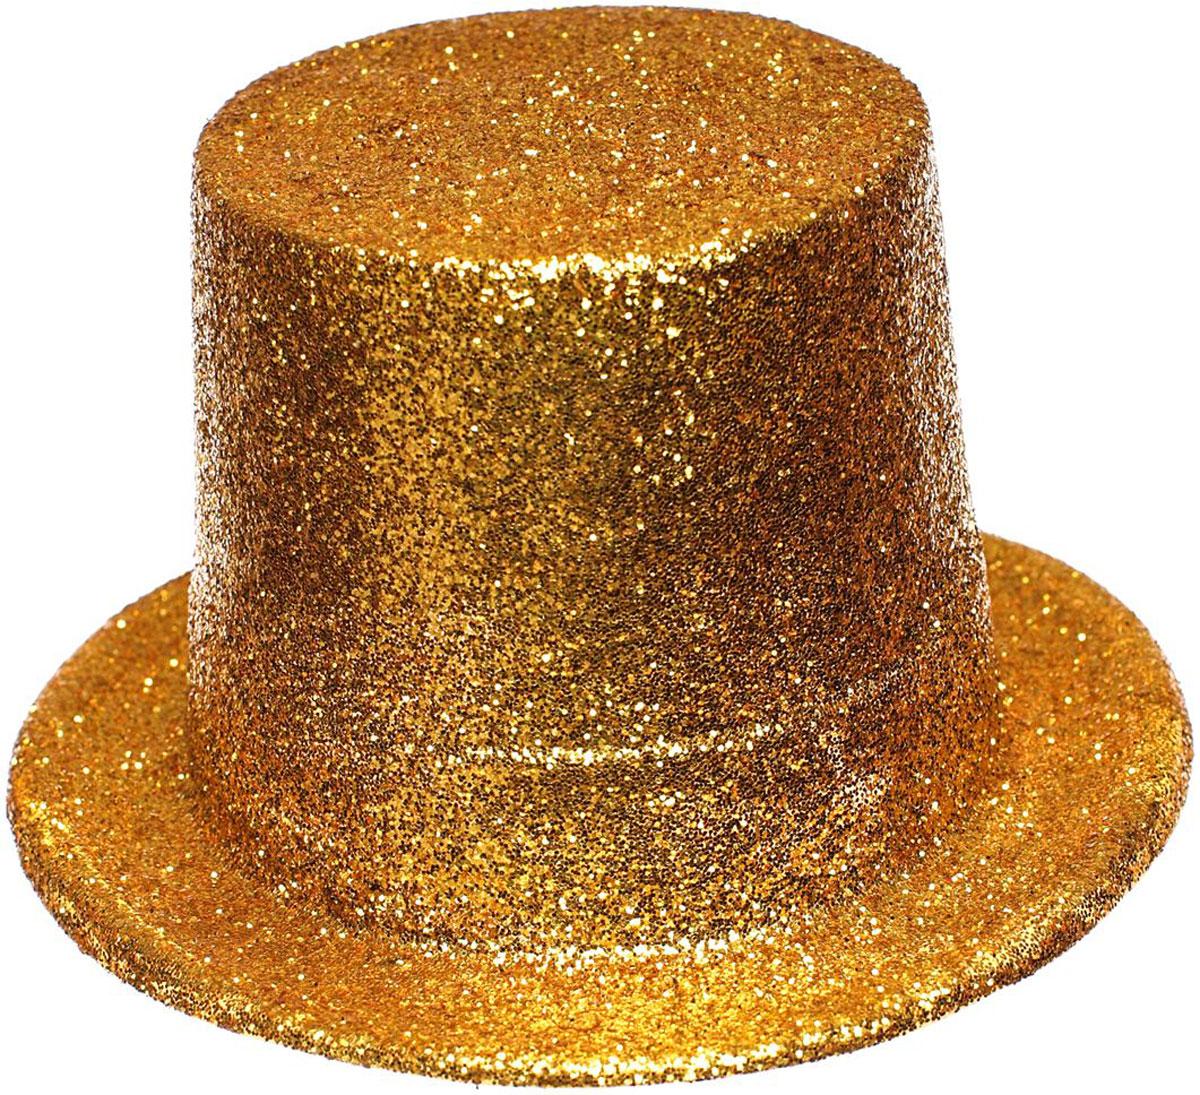 Rio Шляпа карнавальная 8018 -  Колпаки и шляпы